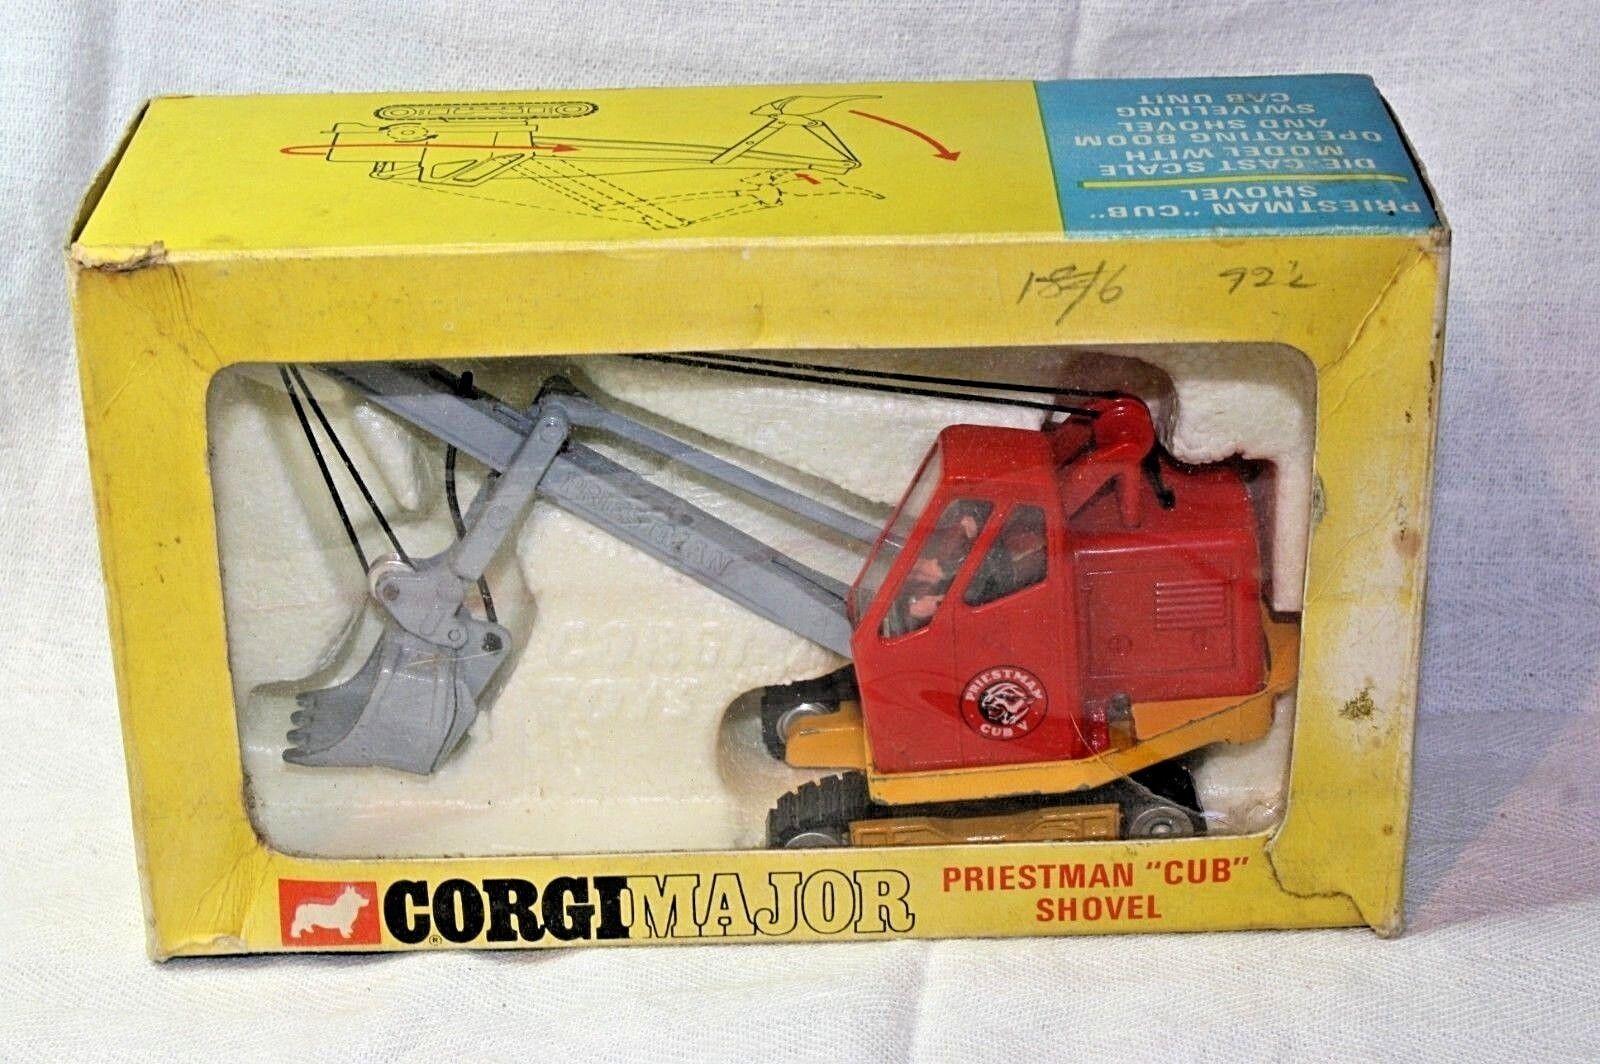 venta Corgi  1128 Priestman Pala, Buen Estado En En En Caja Original  entrega rápida